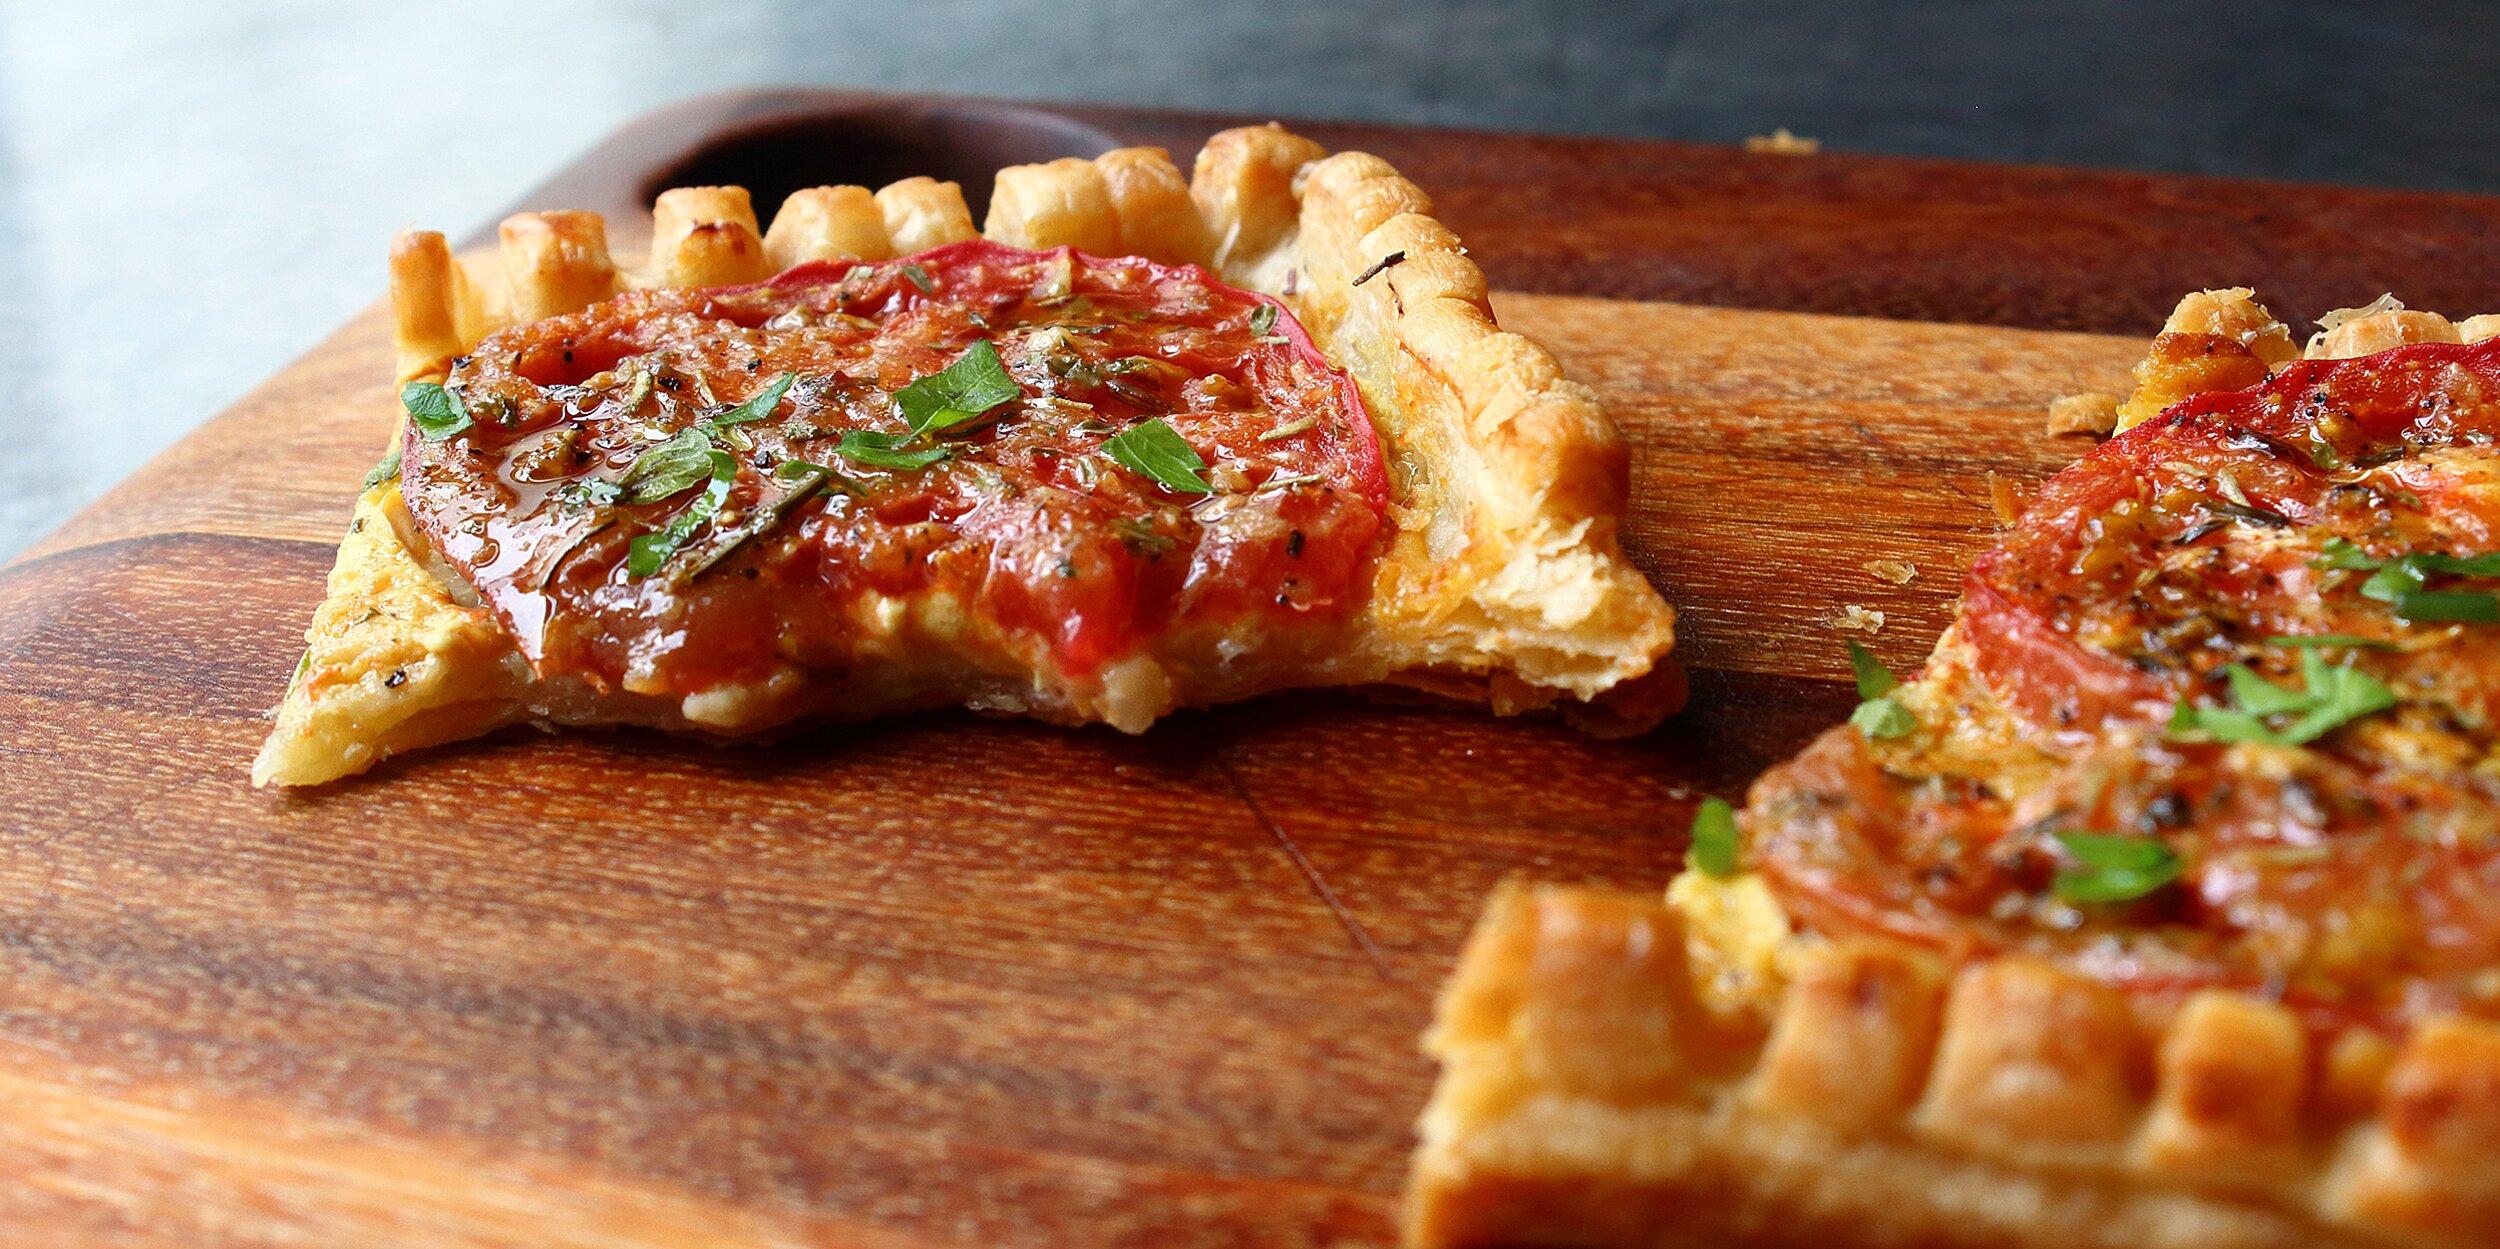 chef johns tomato tart